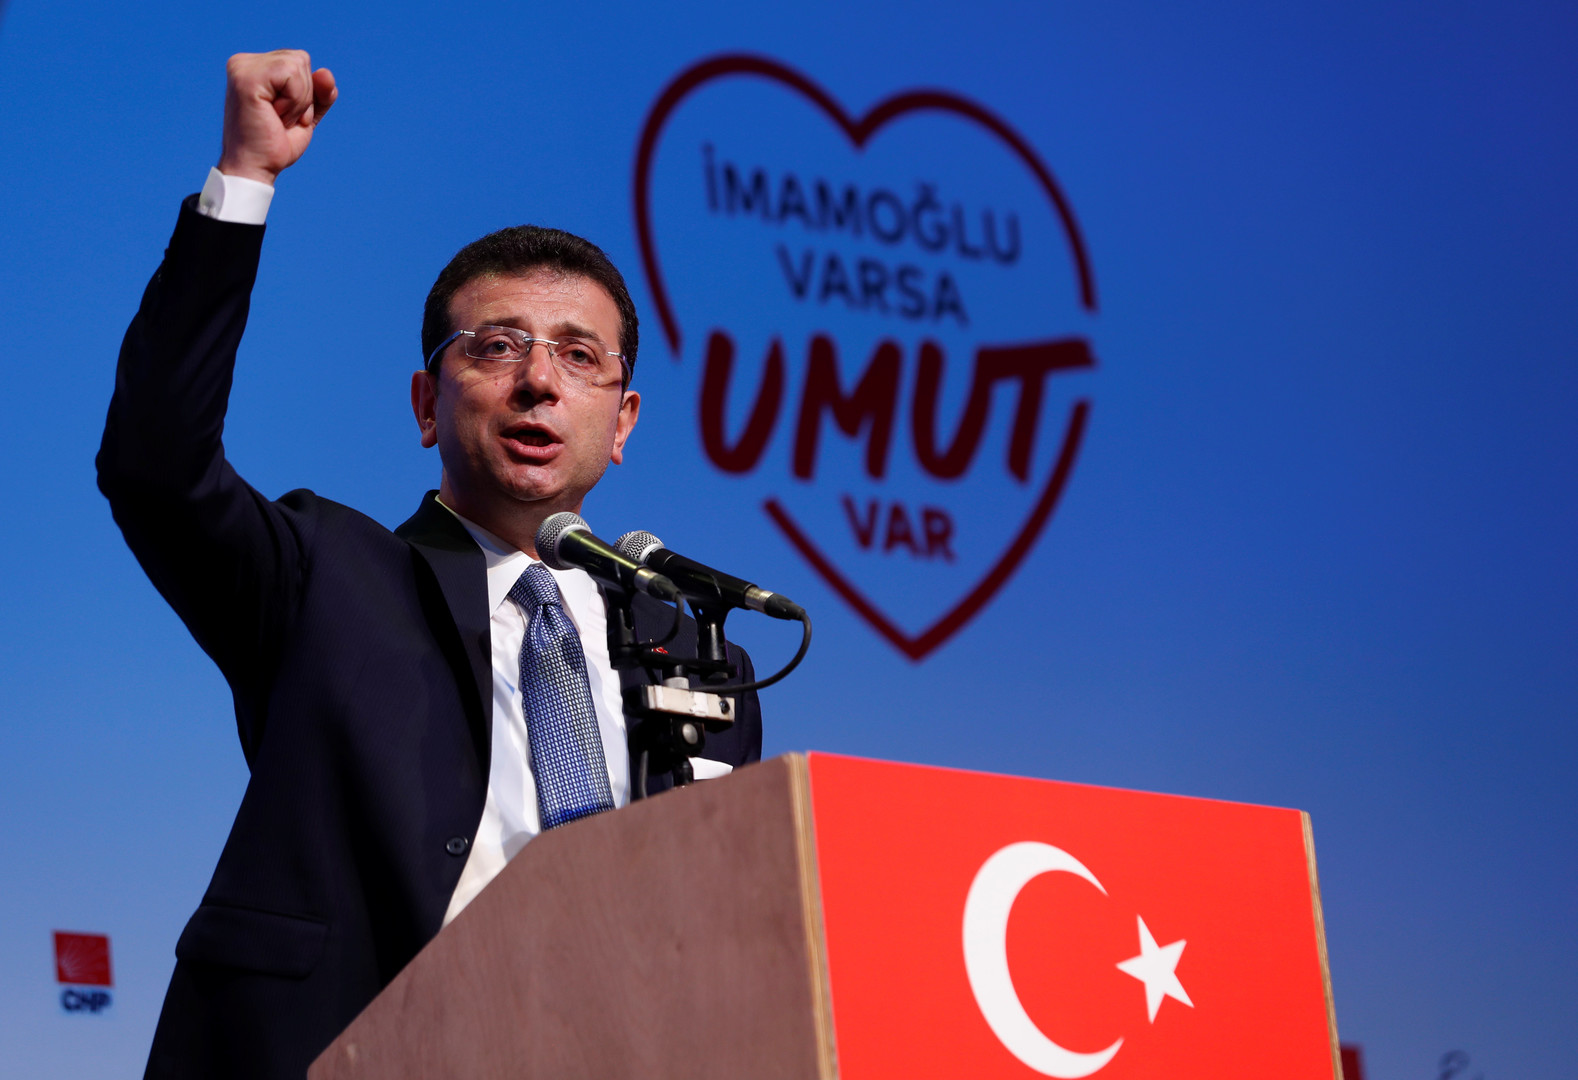 مرشح المعارضة لرئاسة بلدية اسطنبول أكرم إمام أوغلو